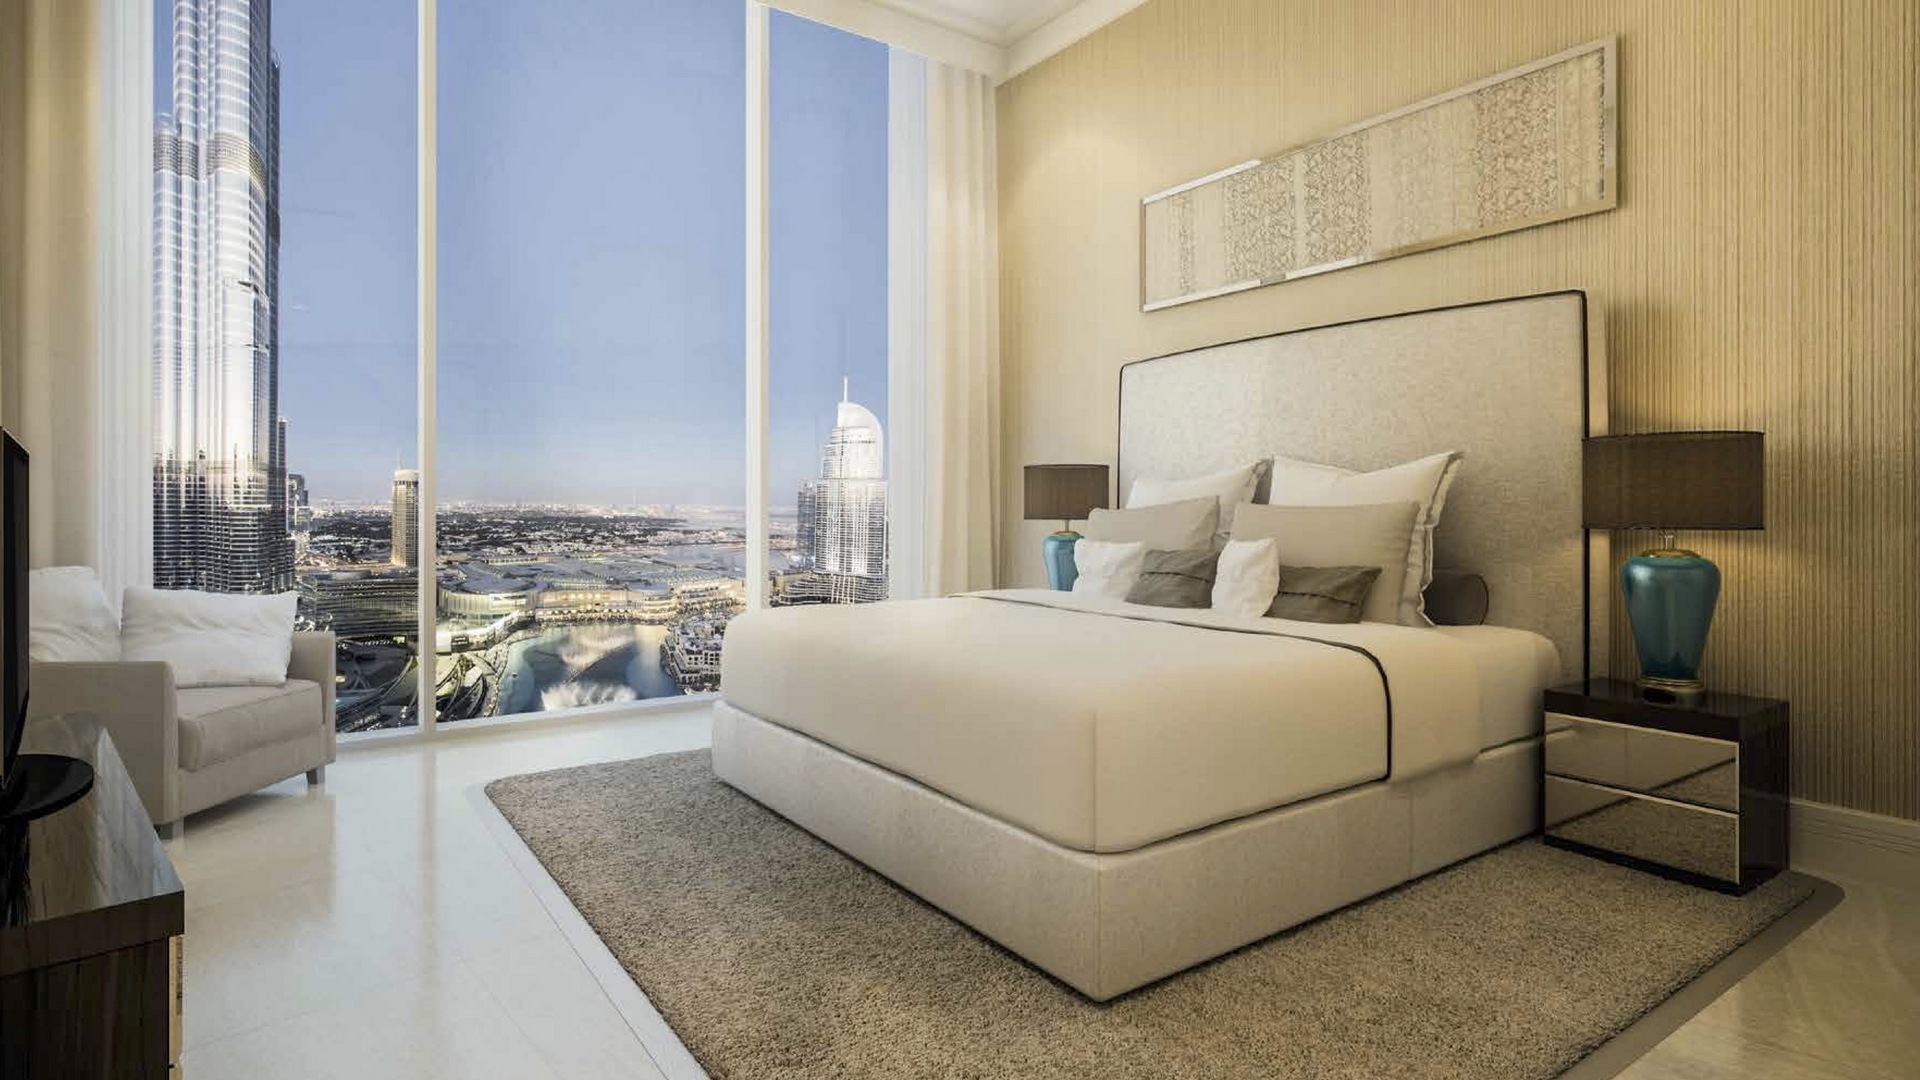 Adosado en venta en Dubai, EAU, 5 dormitorios, 421 m2, № 24074 – foto 5